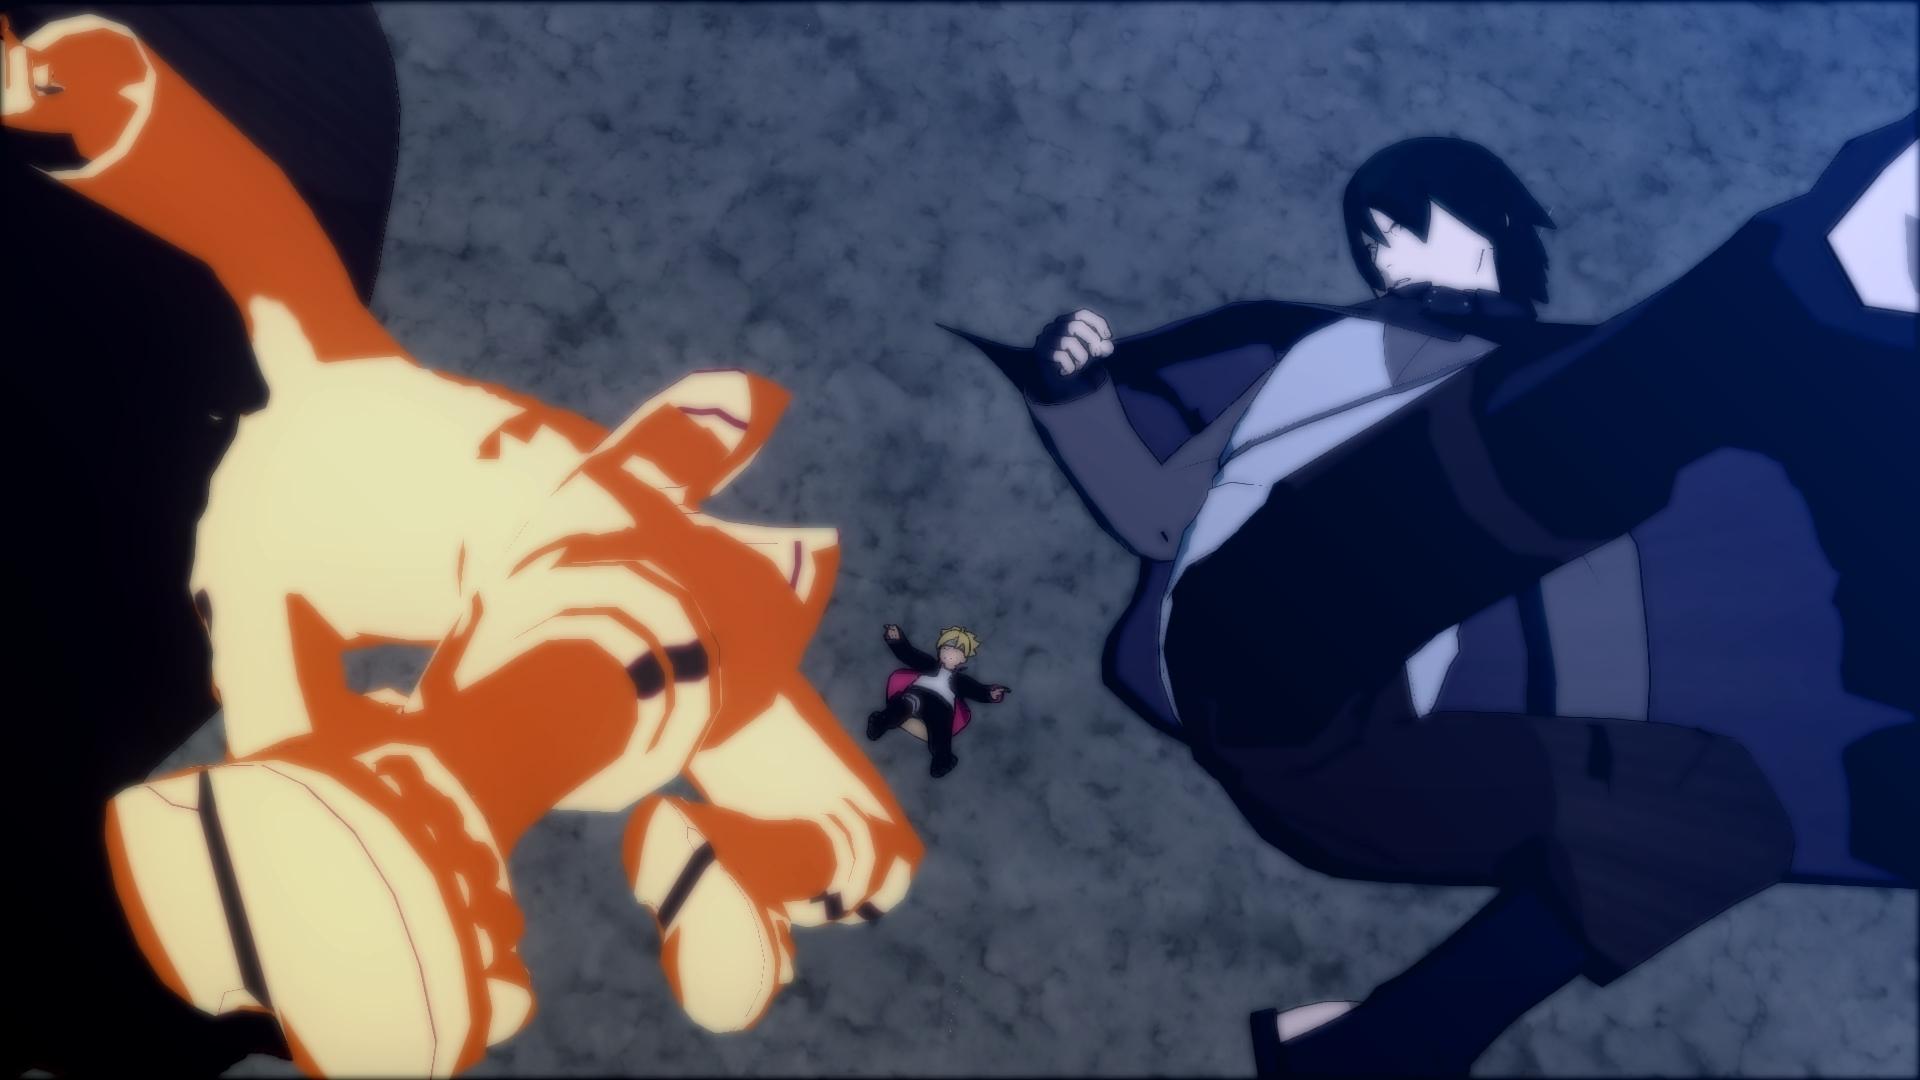 Naruto Shippuden Ultimate Ninja Storm 4 Road To Boruto Screenshot 47 10